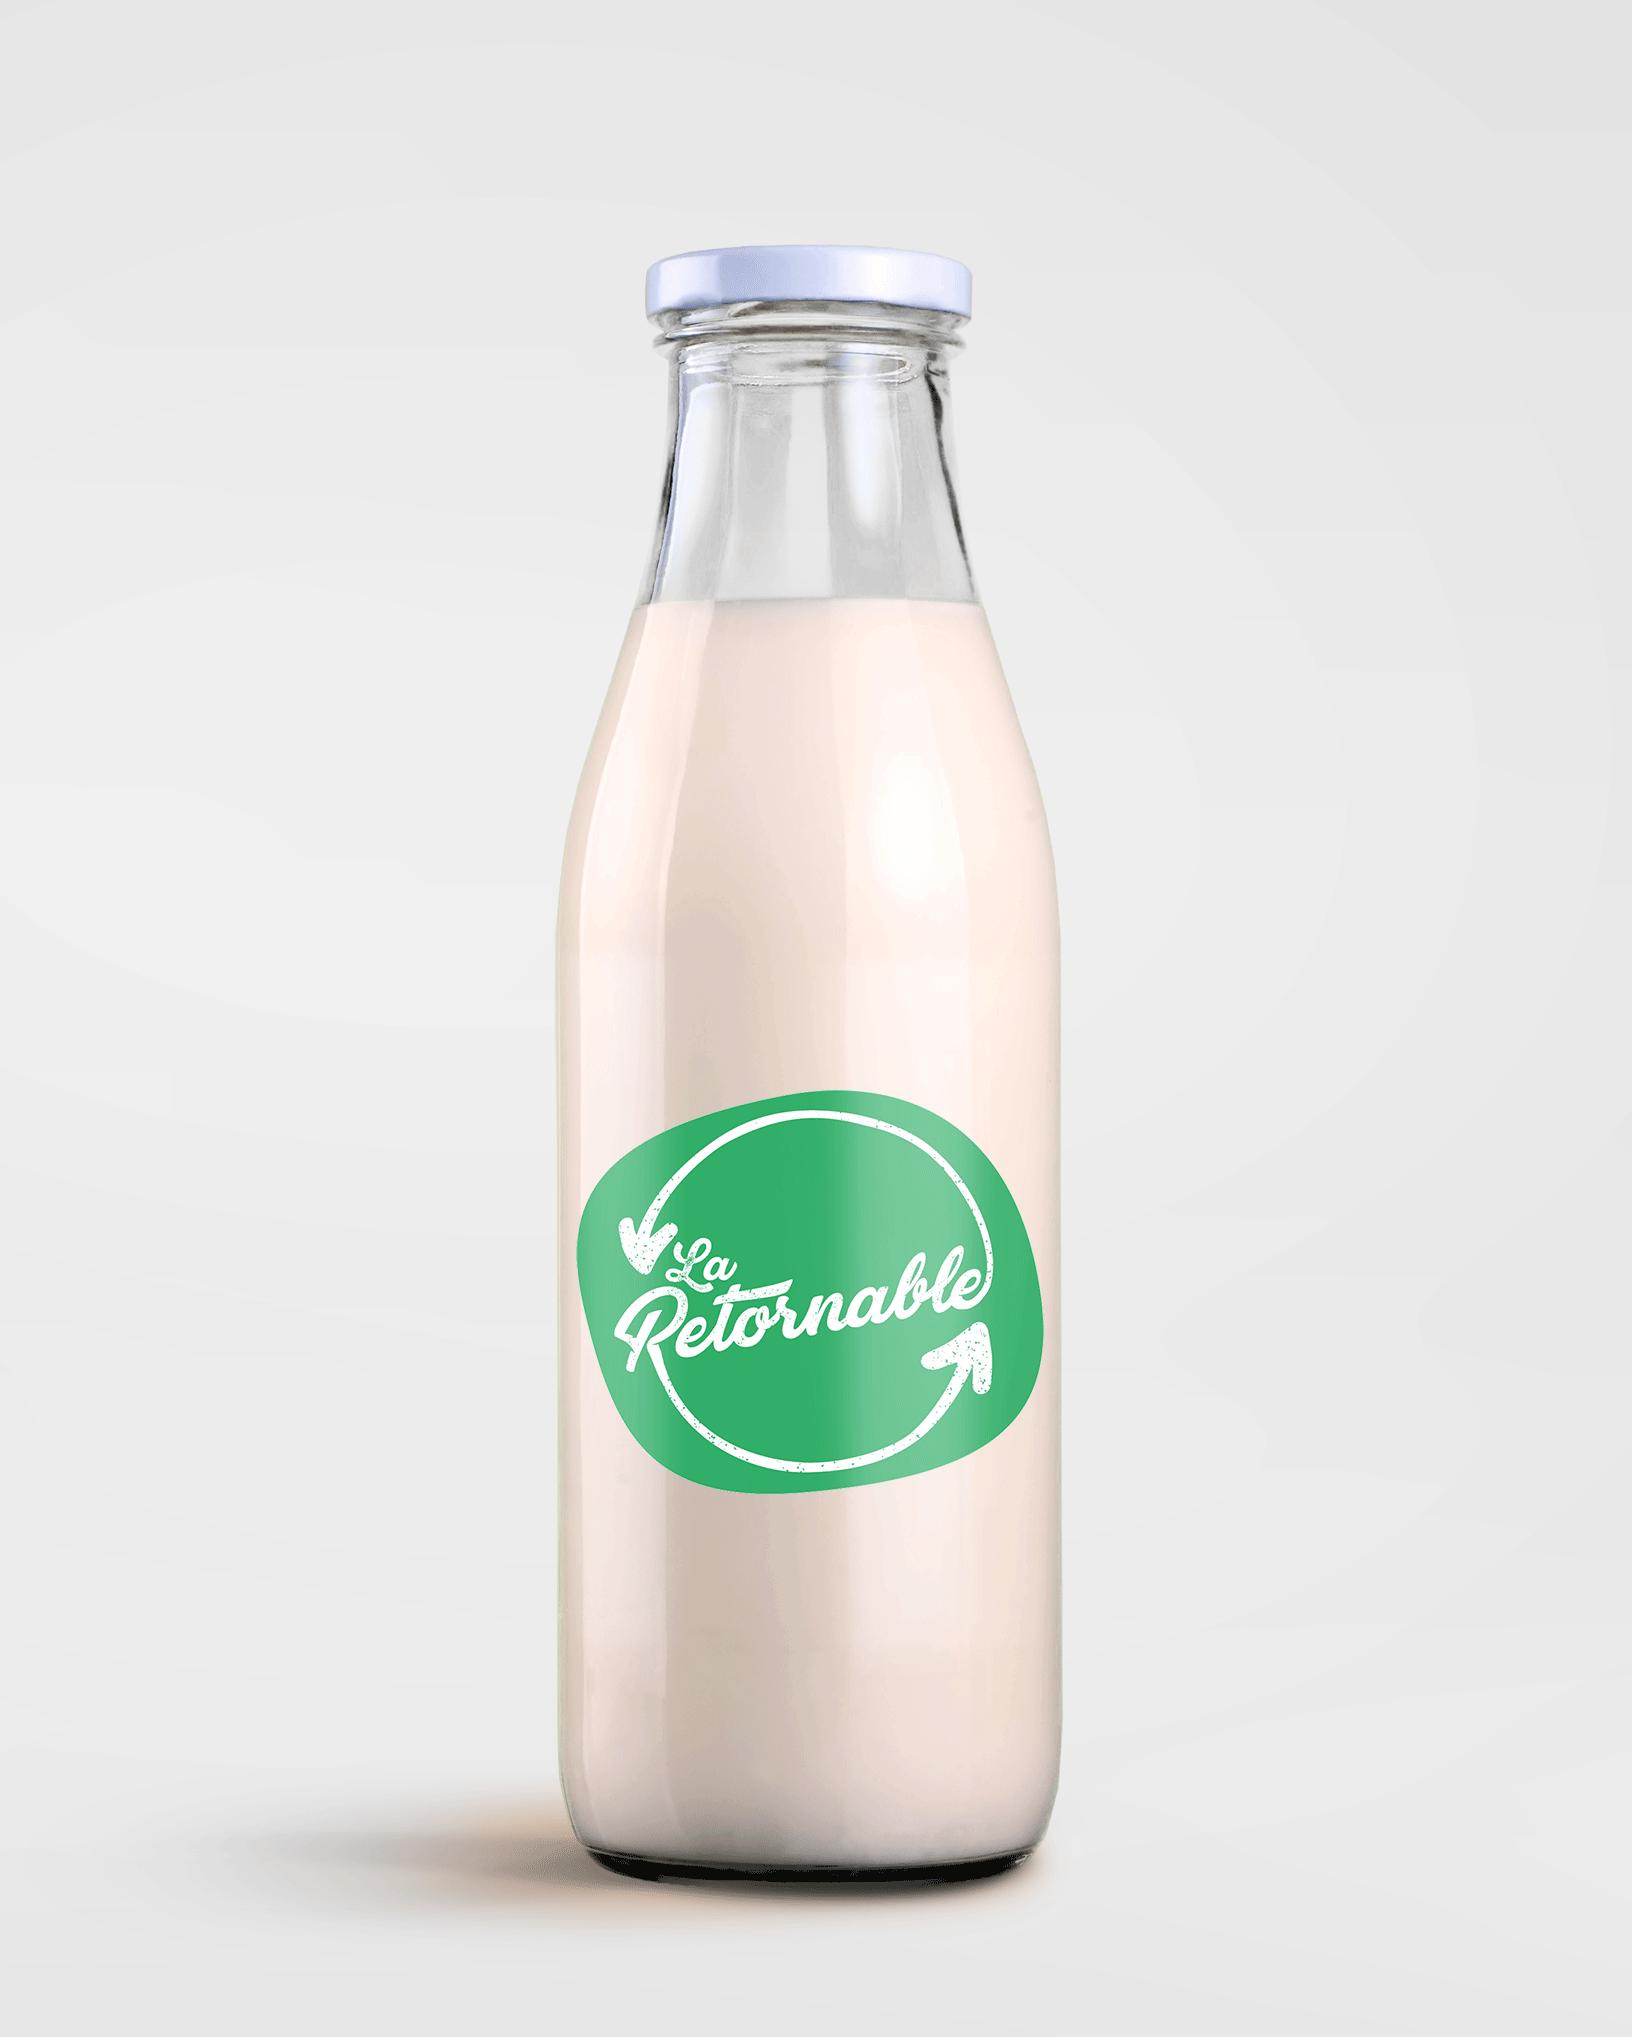 Botella de bebida de avena con logotipo de La Retornable